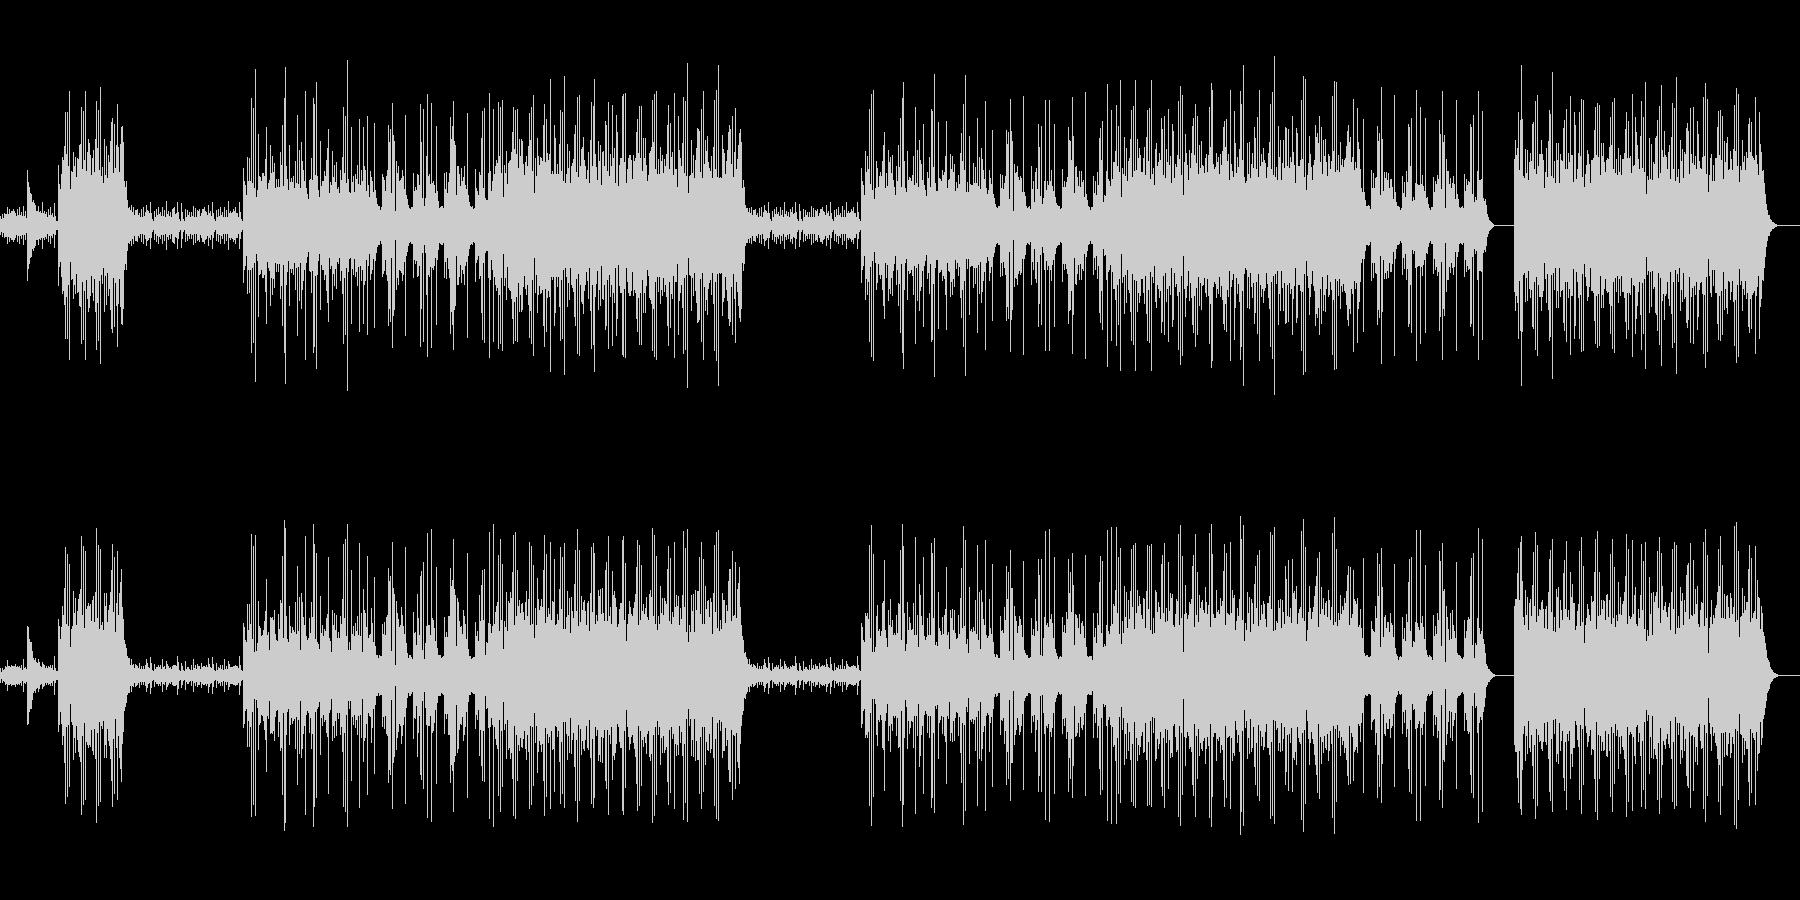 和太鼓/三味線/琴/和風/クランク#2の未再生の波形